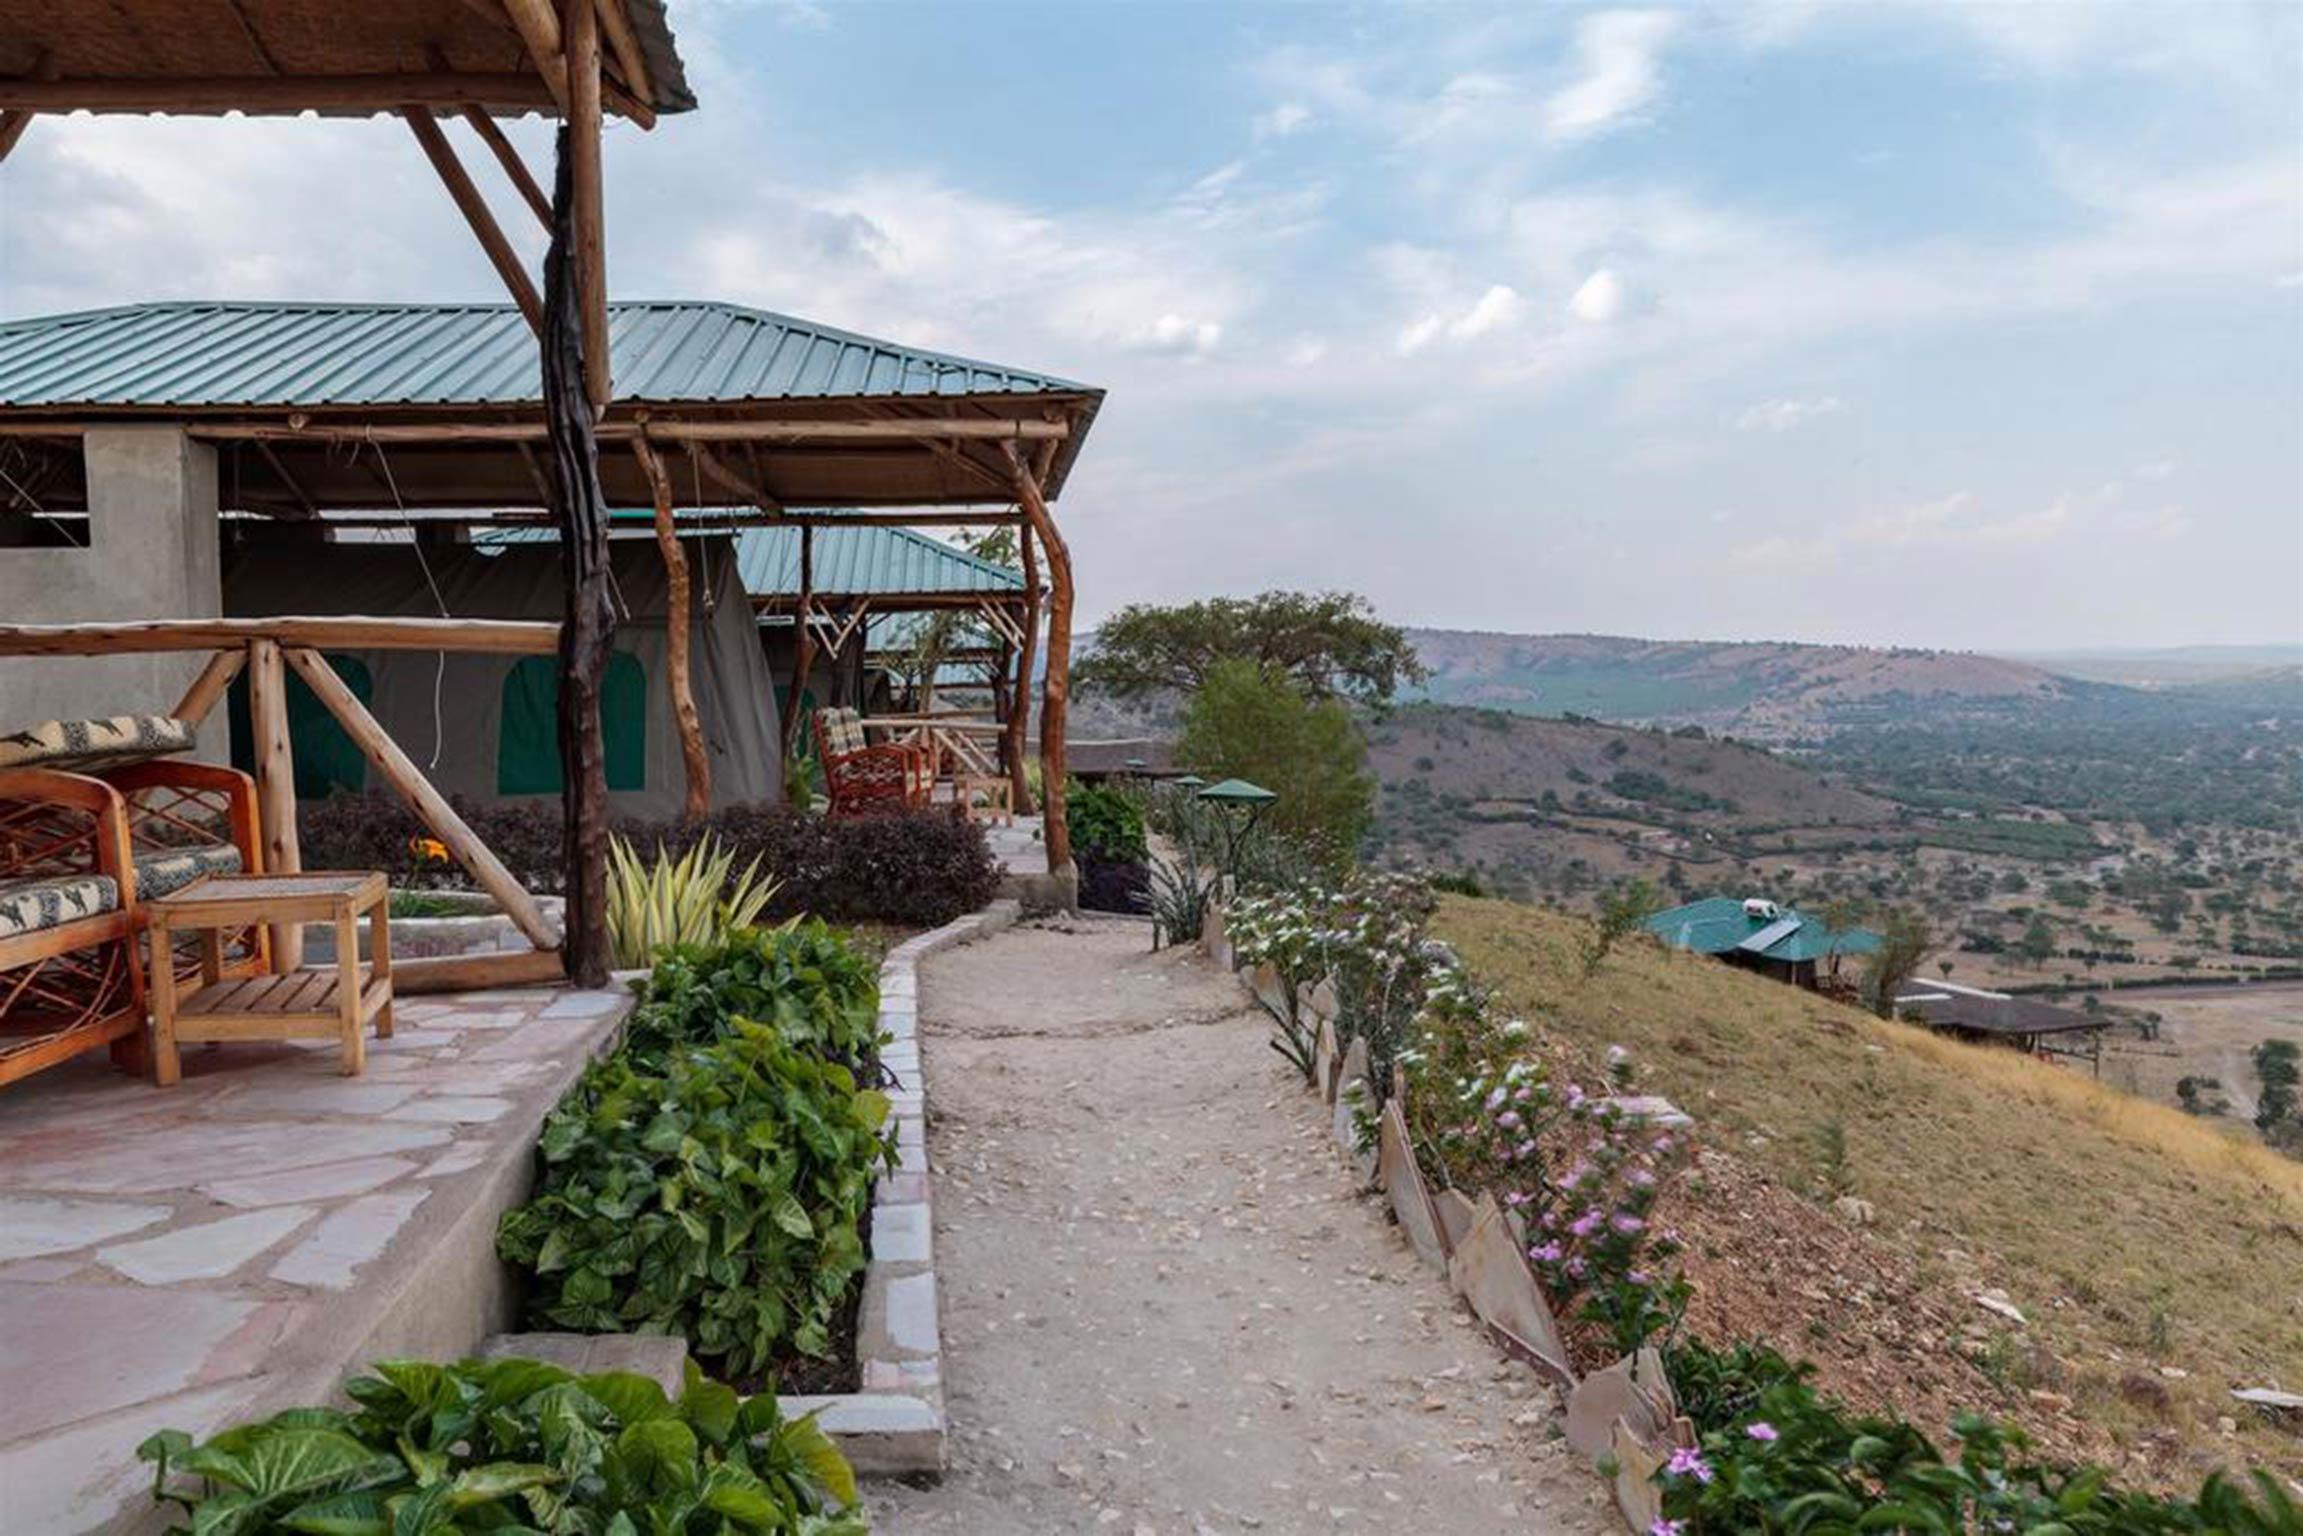 Machen Sie eine Safari zum Mburo National Park und besuchen Sie das wundervolle Adlerhorst